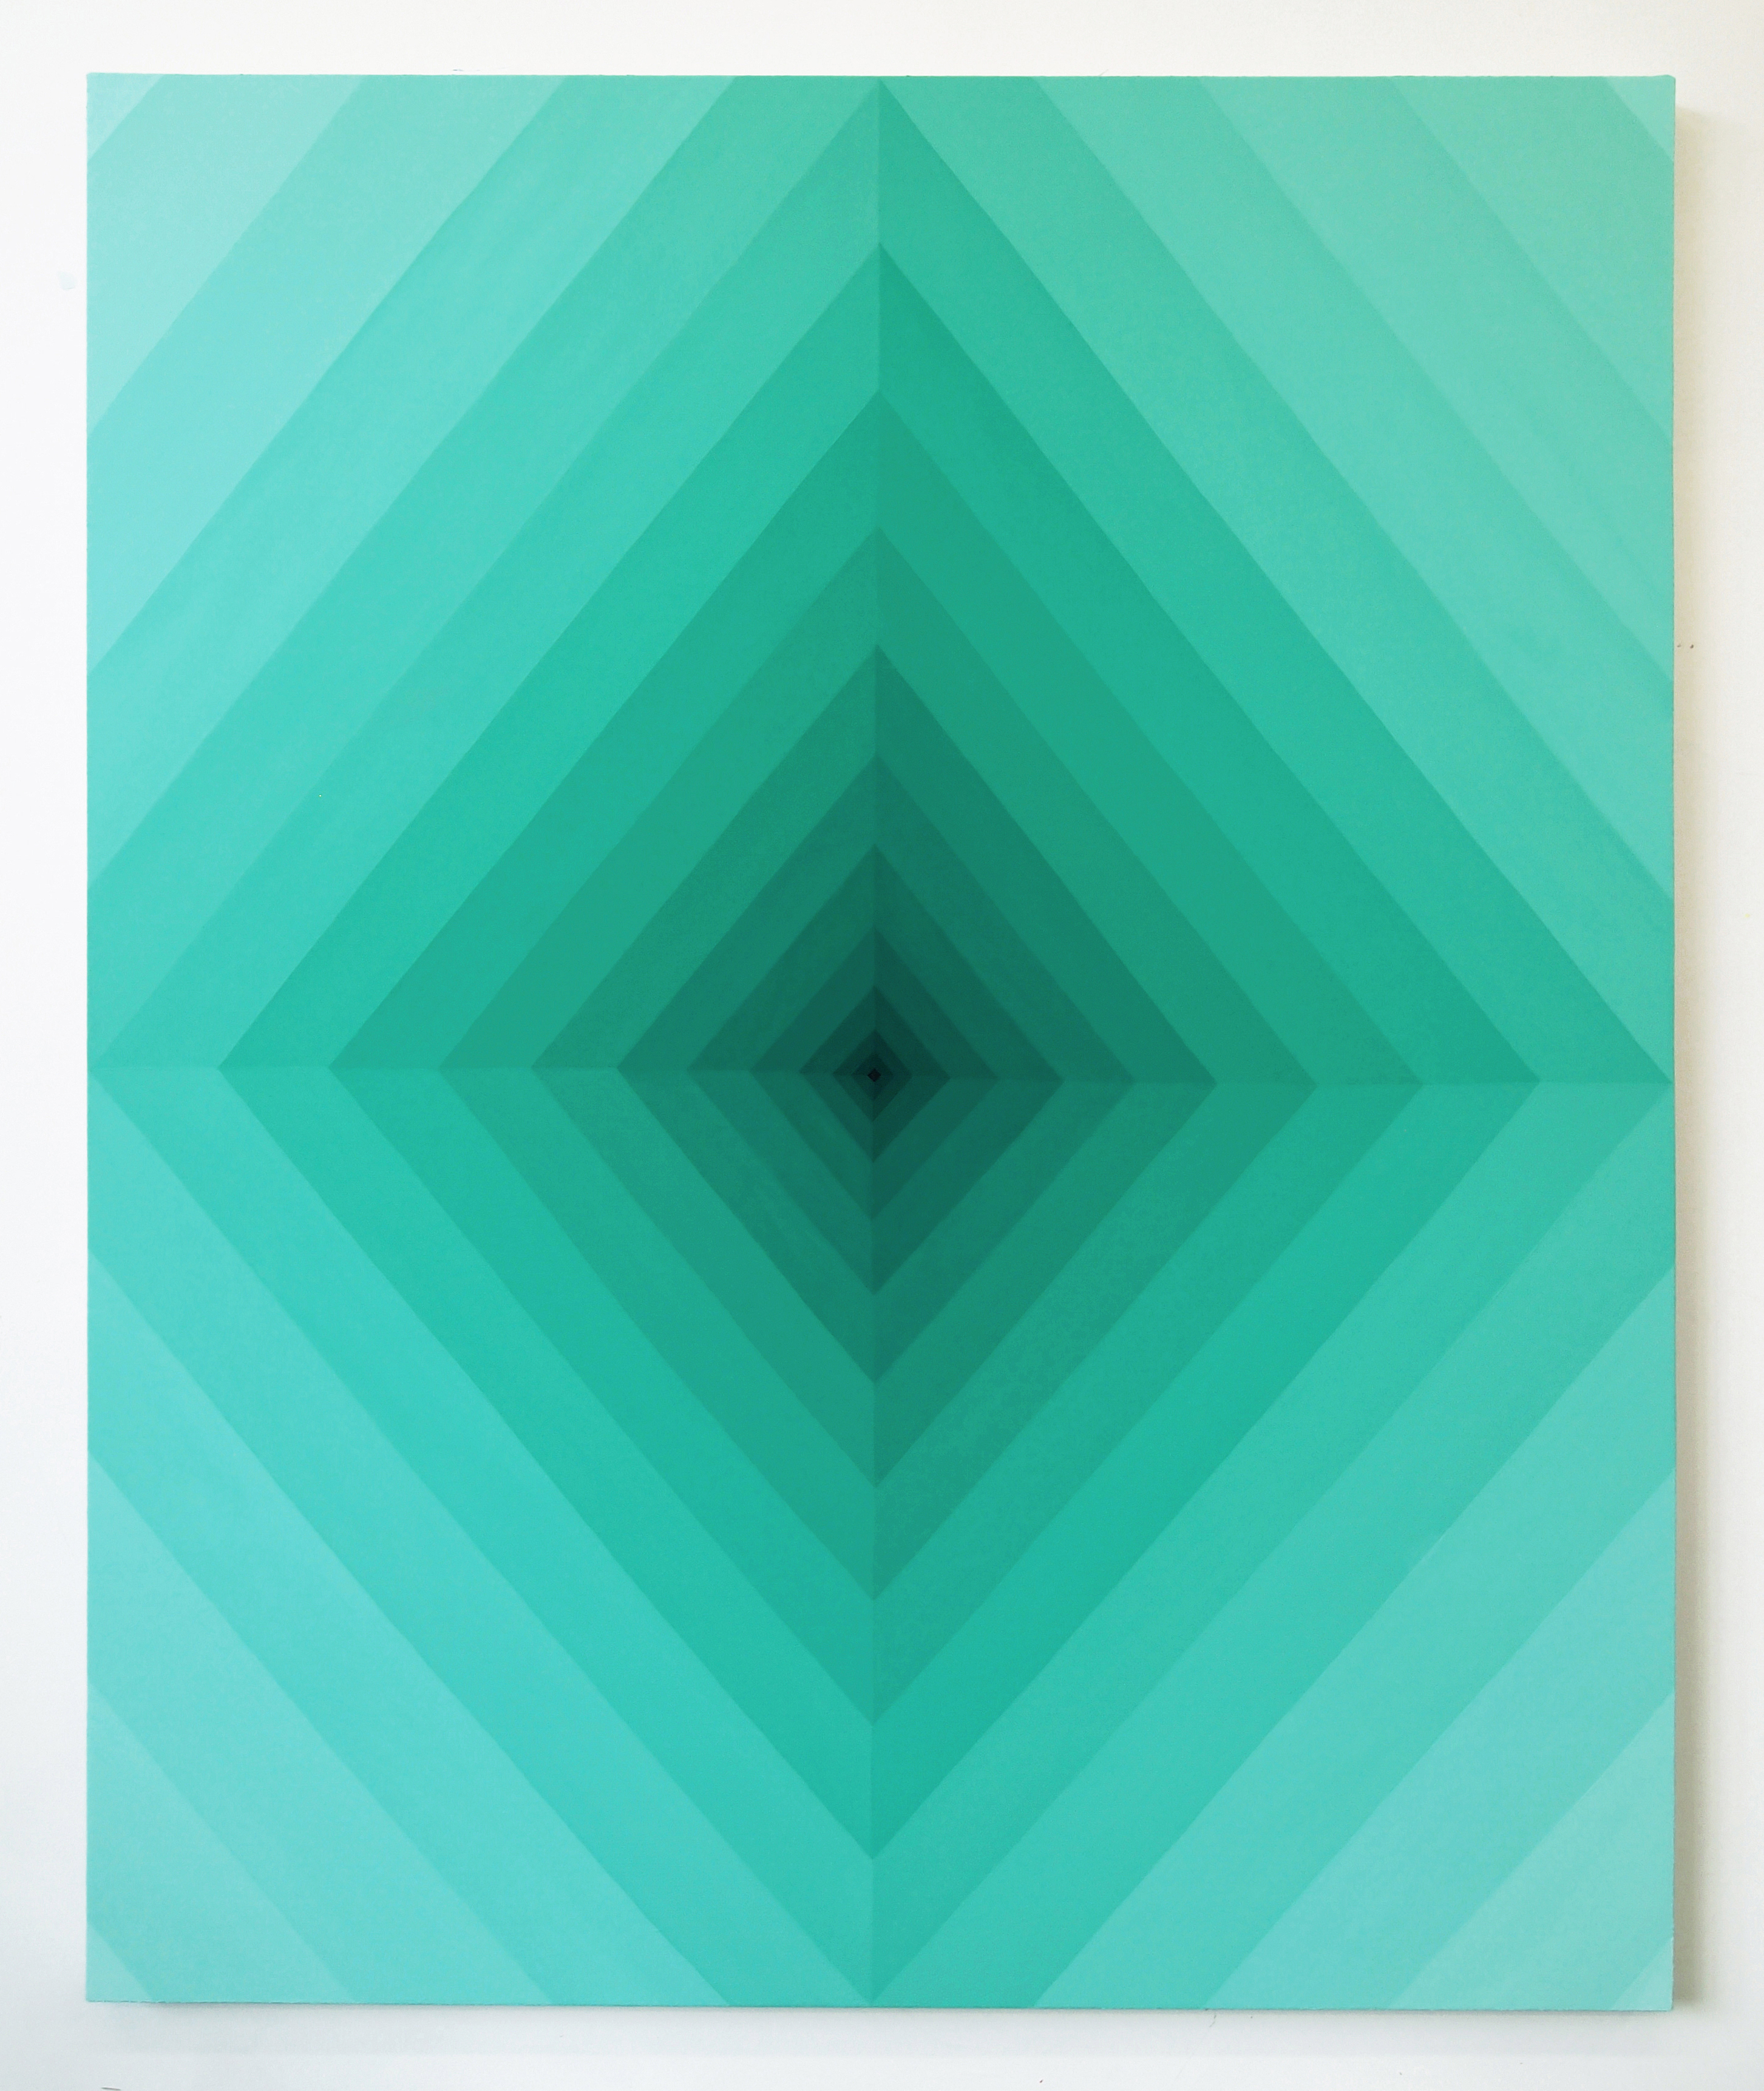 Corydon Cowansage, Hole 50, 2018, acrylic on canvas, 60 x 48 inches